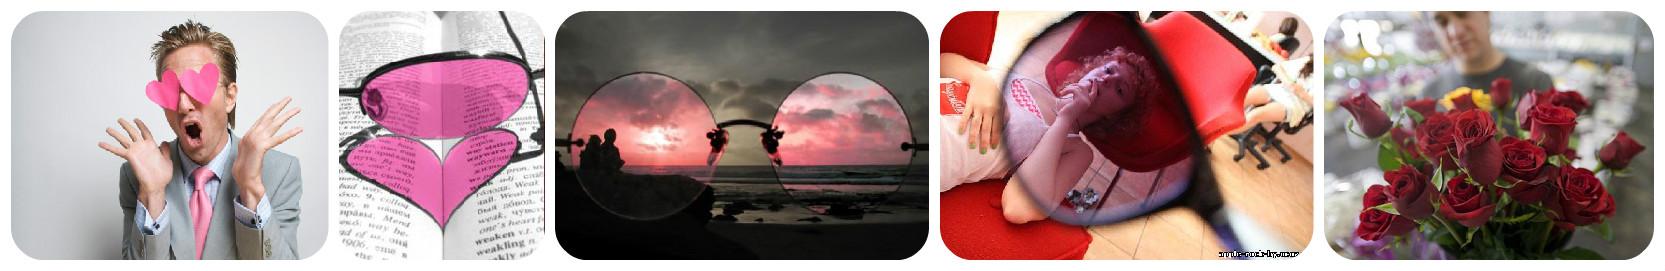 влюбленный, влюбленность, розовые очки, любовь, счастье